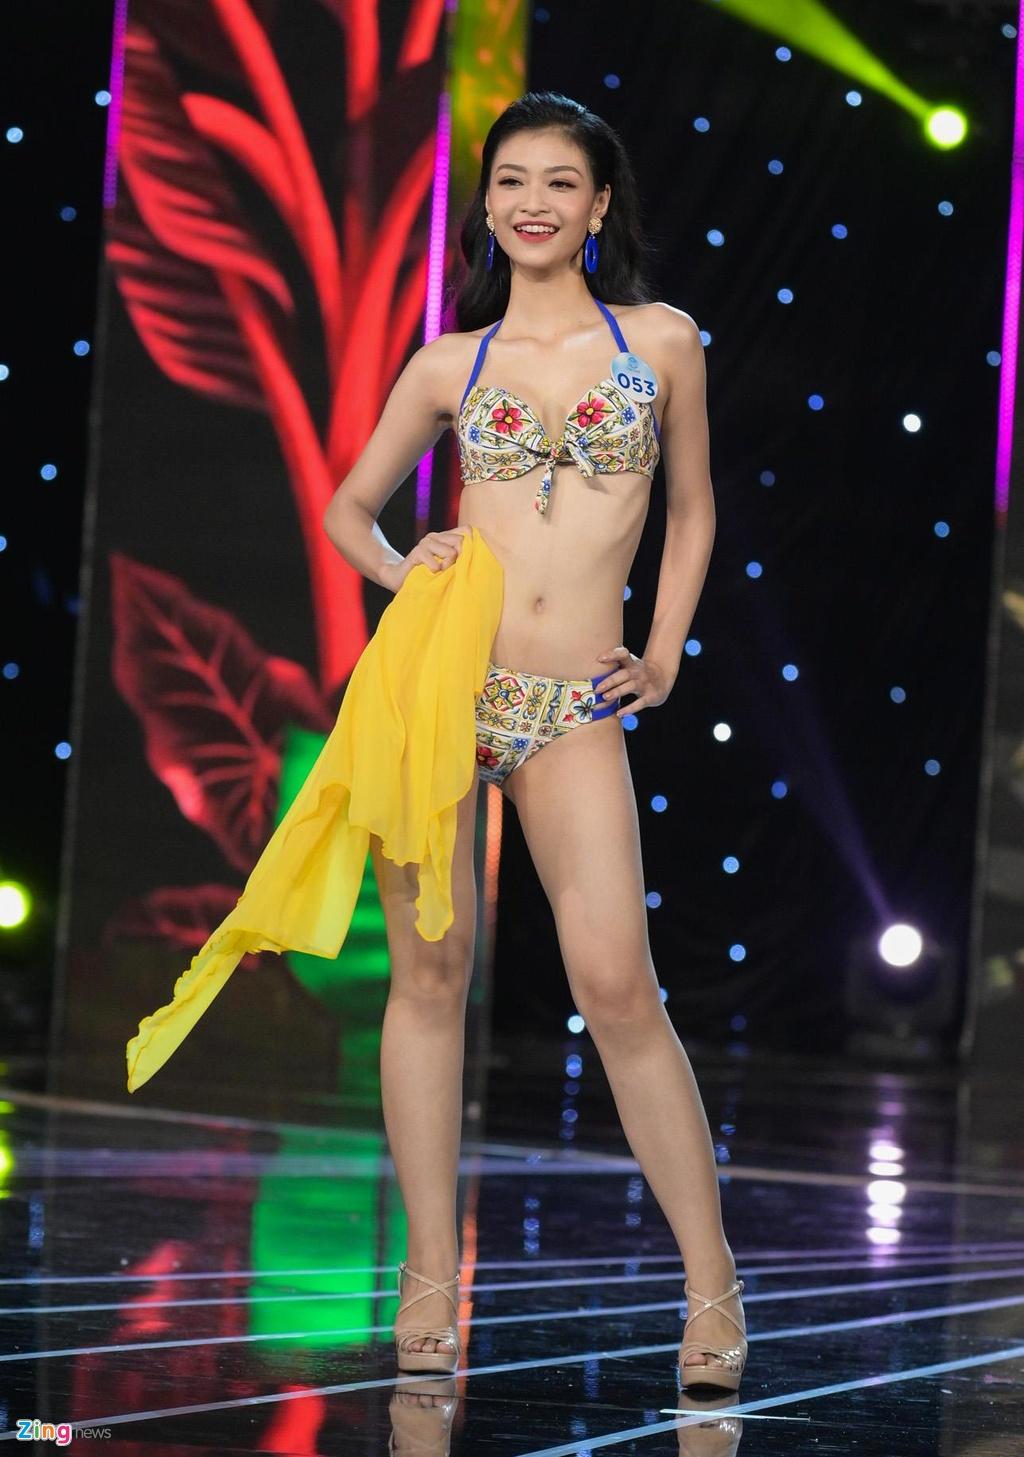 Nguoi dep Hoa hau The gioi Viet Nam 2019 khoe hinh the voi bikini hinh anh 19